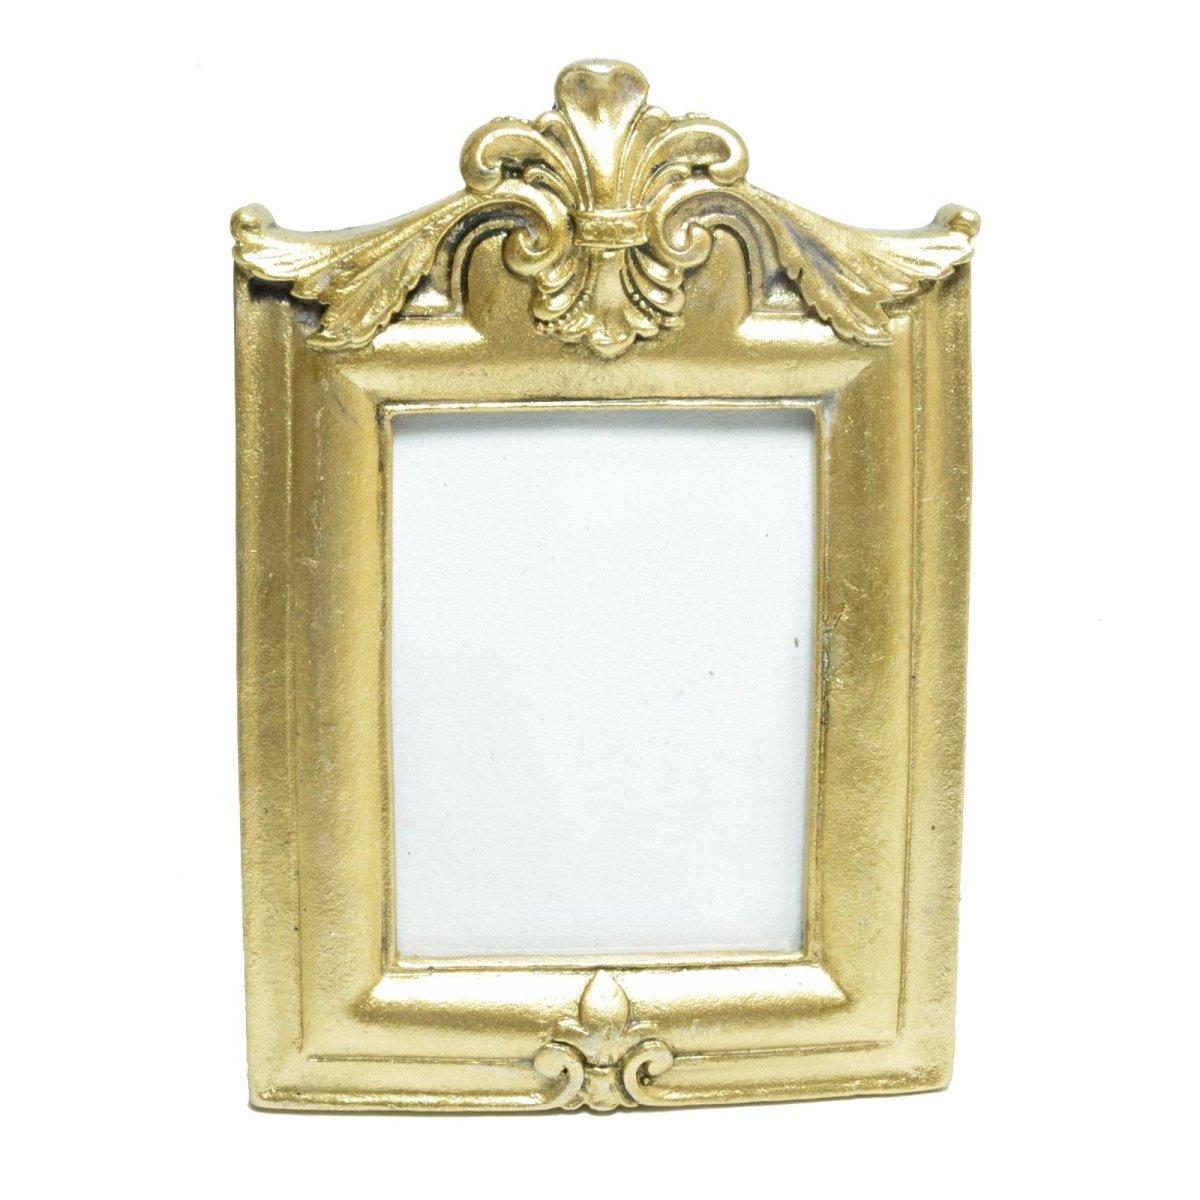 bilderrahmen fotorahmen barock bilderhalter rahmen gold farben foto 4 90. Black Bedroom Furniture Sets. Home Design Ideas